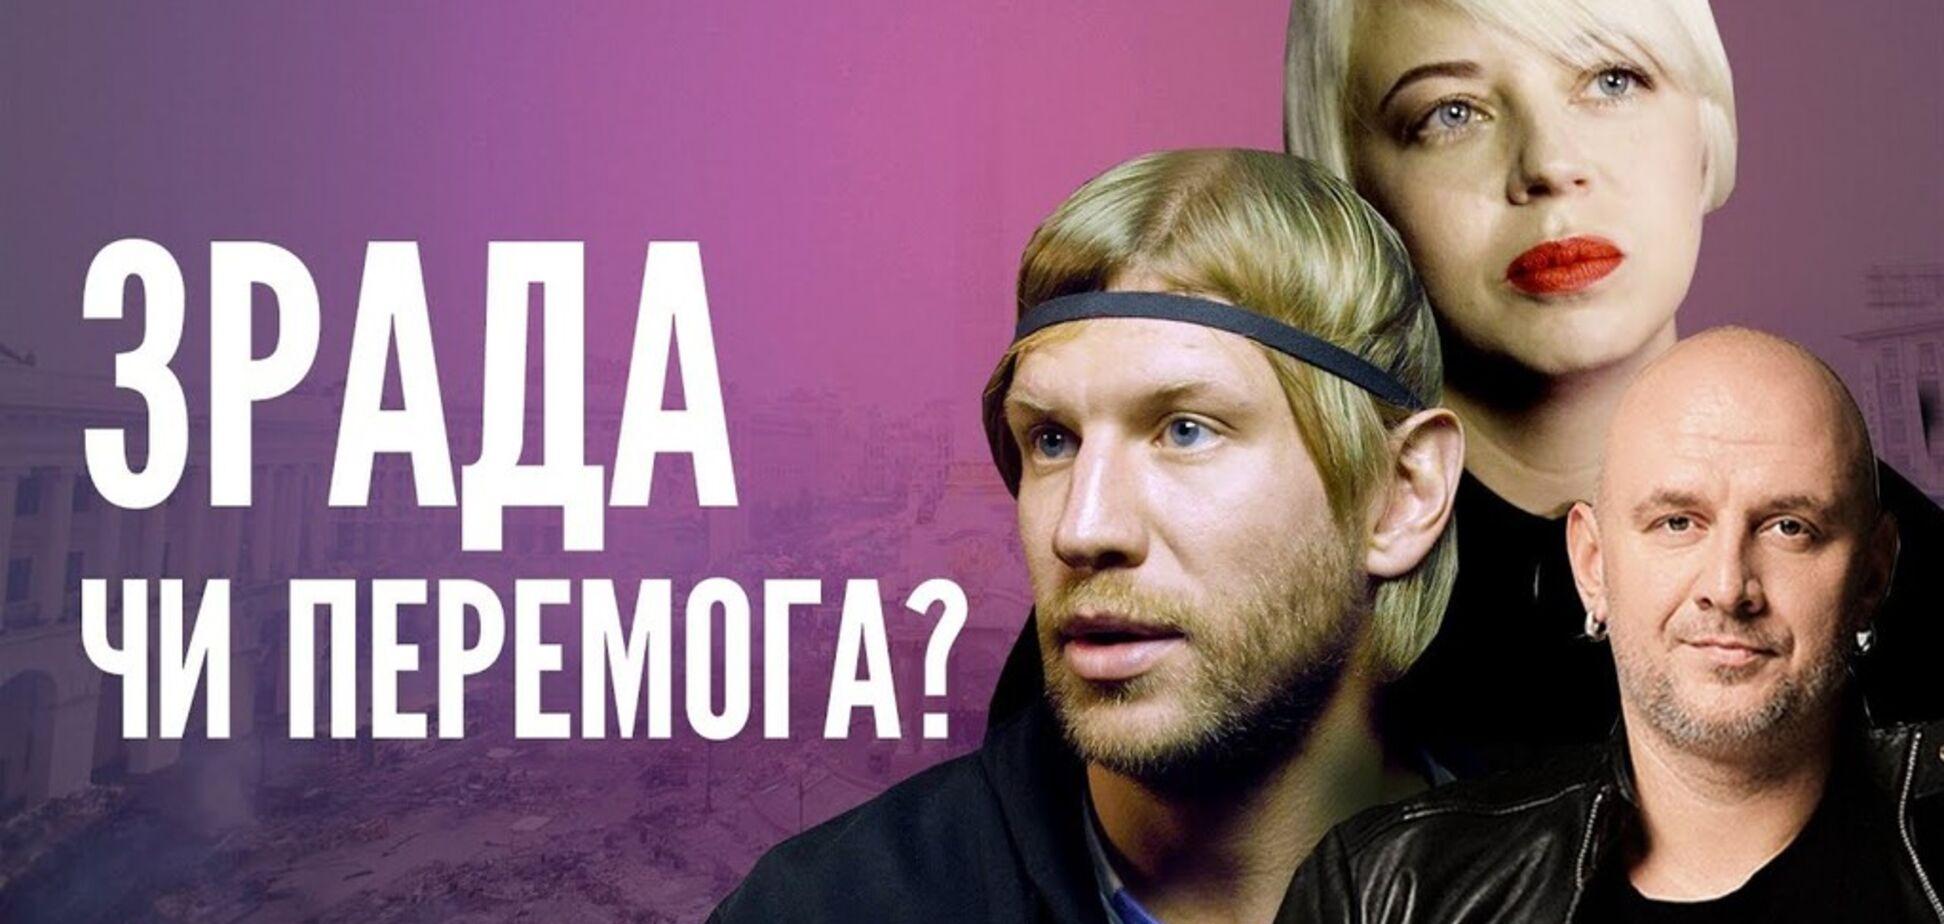 'Програли війну': в мережі з'явився фільм про битву за українську музику з Росією